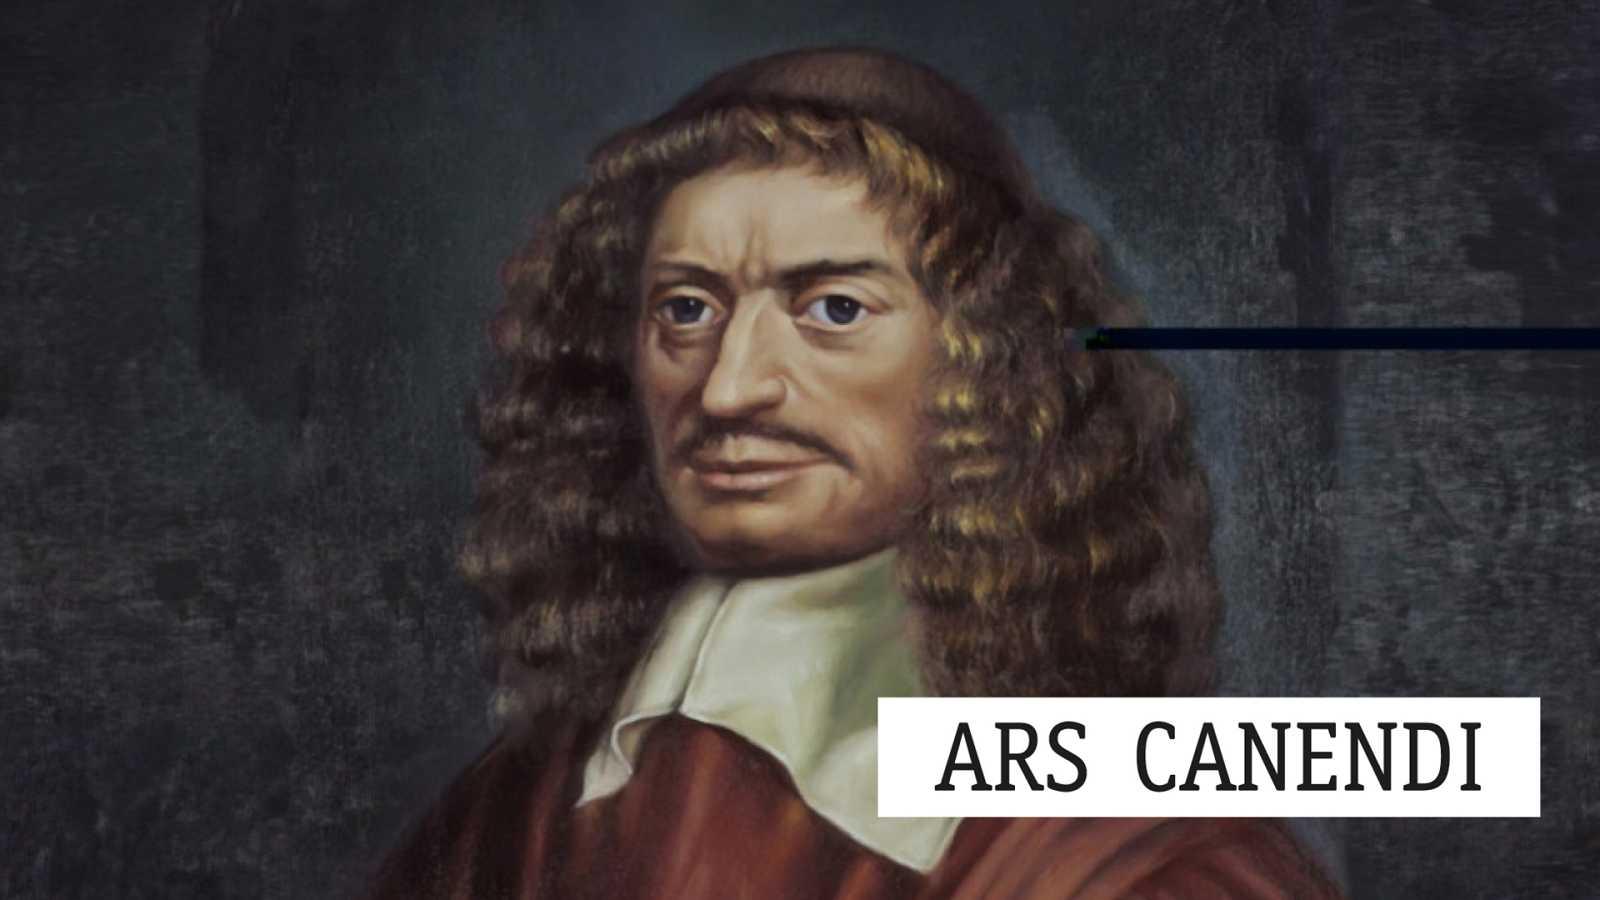 """Ars canendi - Karajan: """"Tristán e Isolda"""" y """"Los maestros cantores"""" - 28/02/21 - escuchar ahora"""